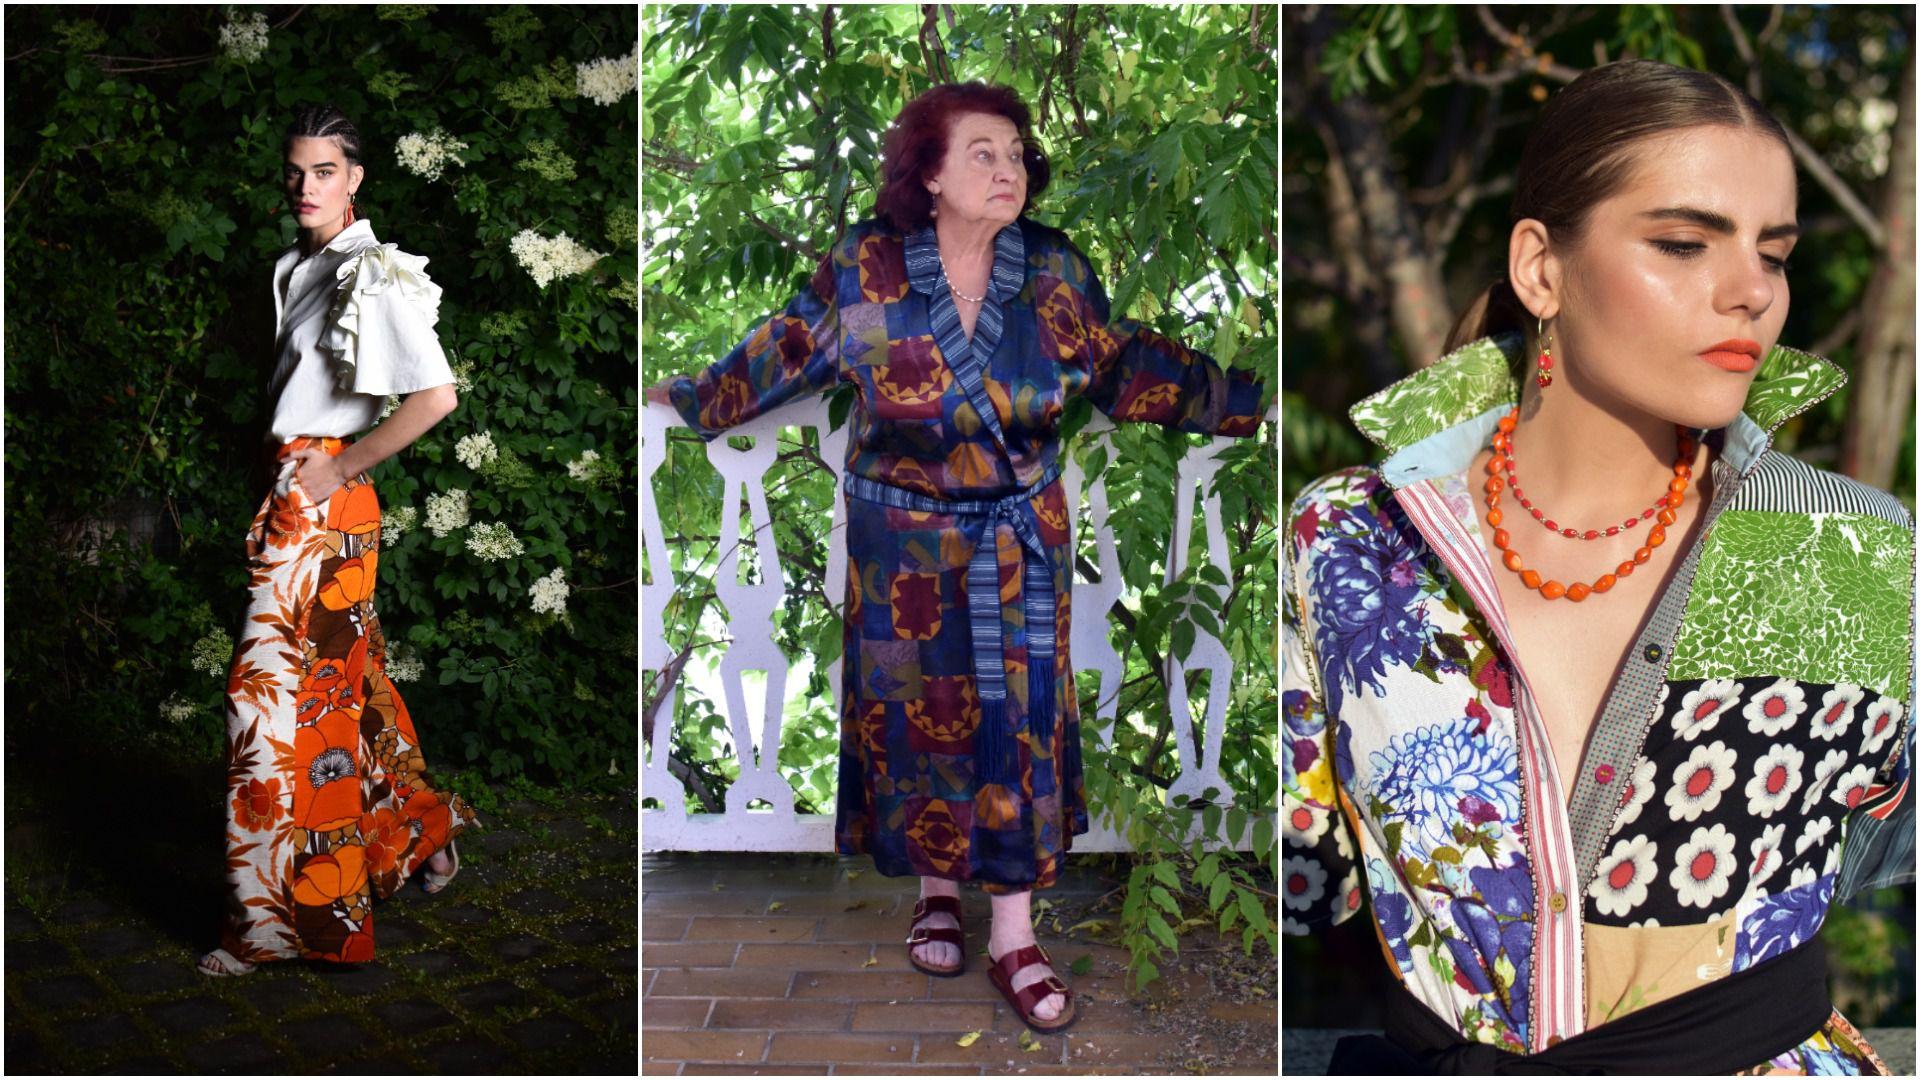 Sever predstavio novu ljetnu kolekciju punu posebnih i udobnih komada; zvijezda je 79-godišnja gospođa Milka